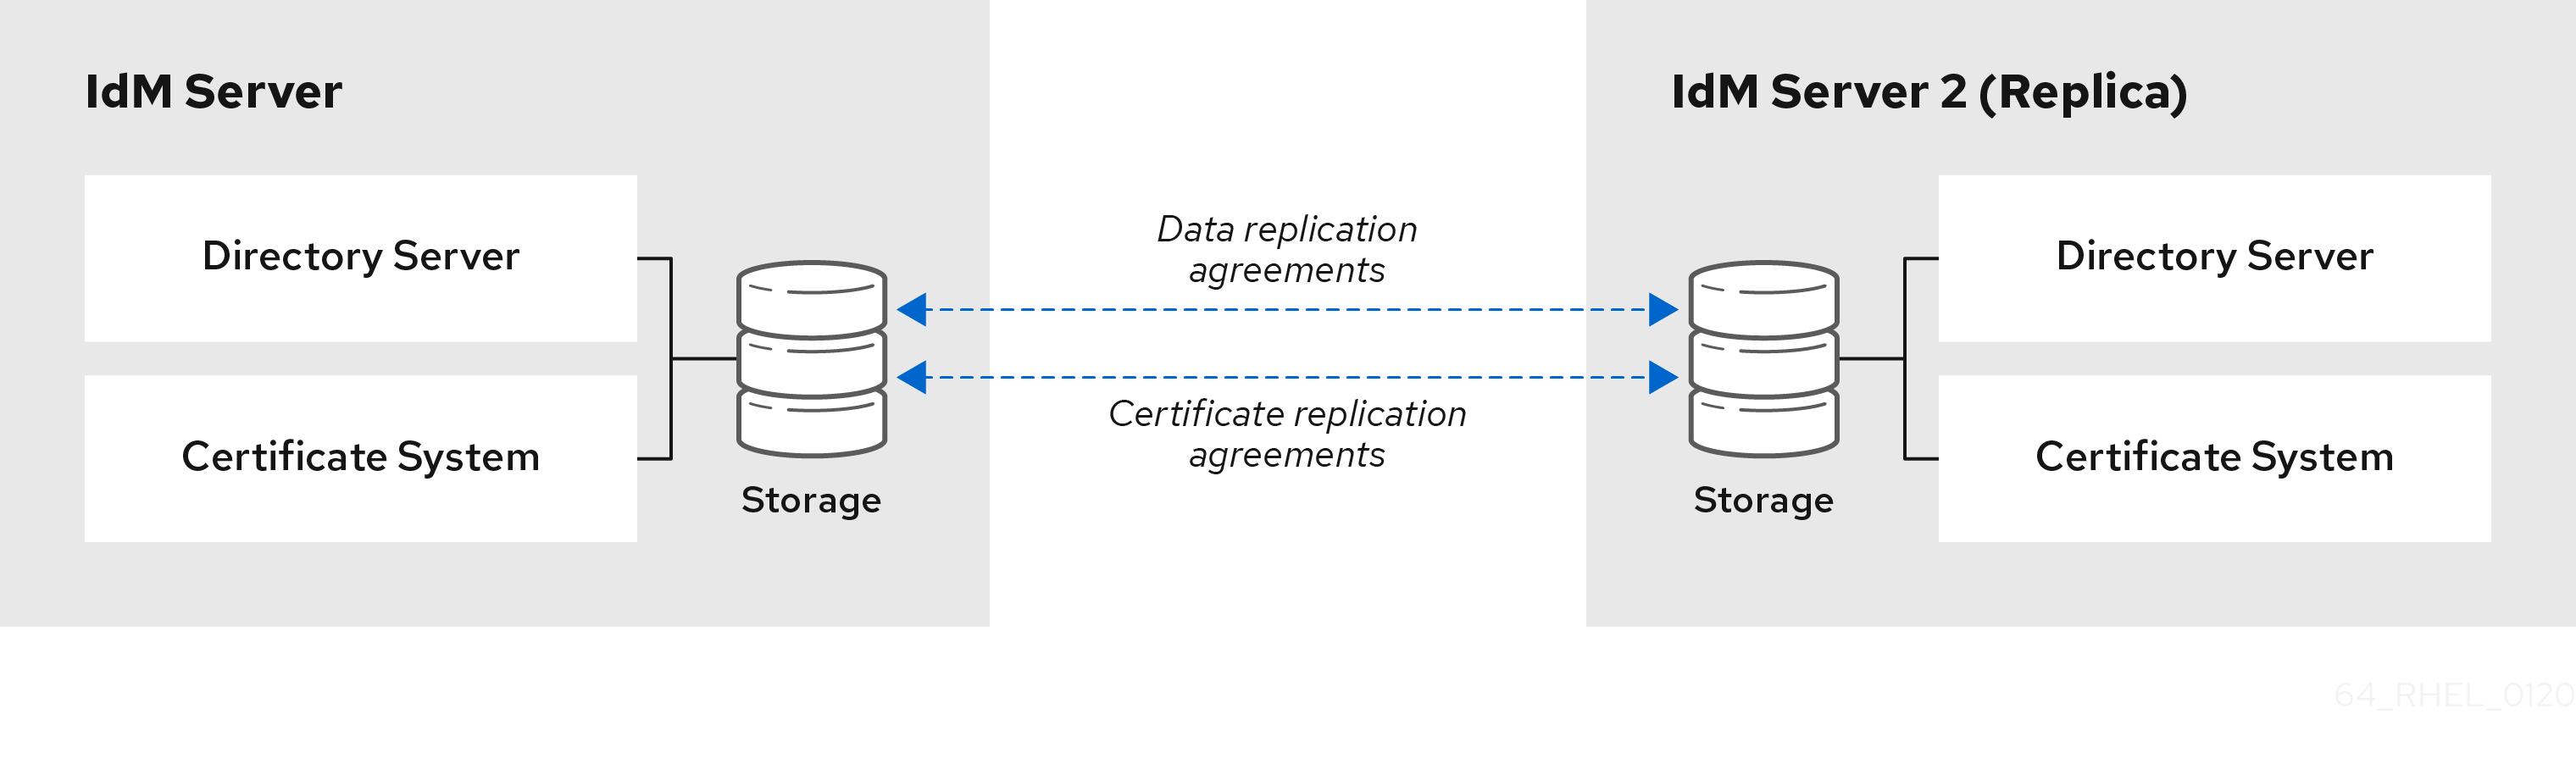 包含两组复制协议的两台服务器:一个数据复制协议,与目录服务器数据库相关联,以及一个与其证书系统数据相关的证书复制协议